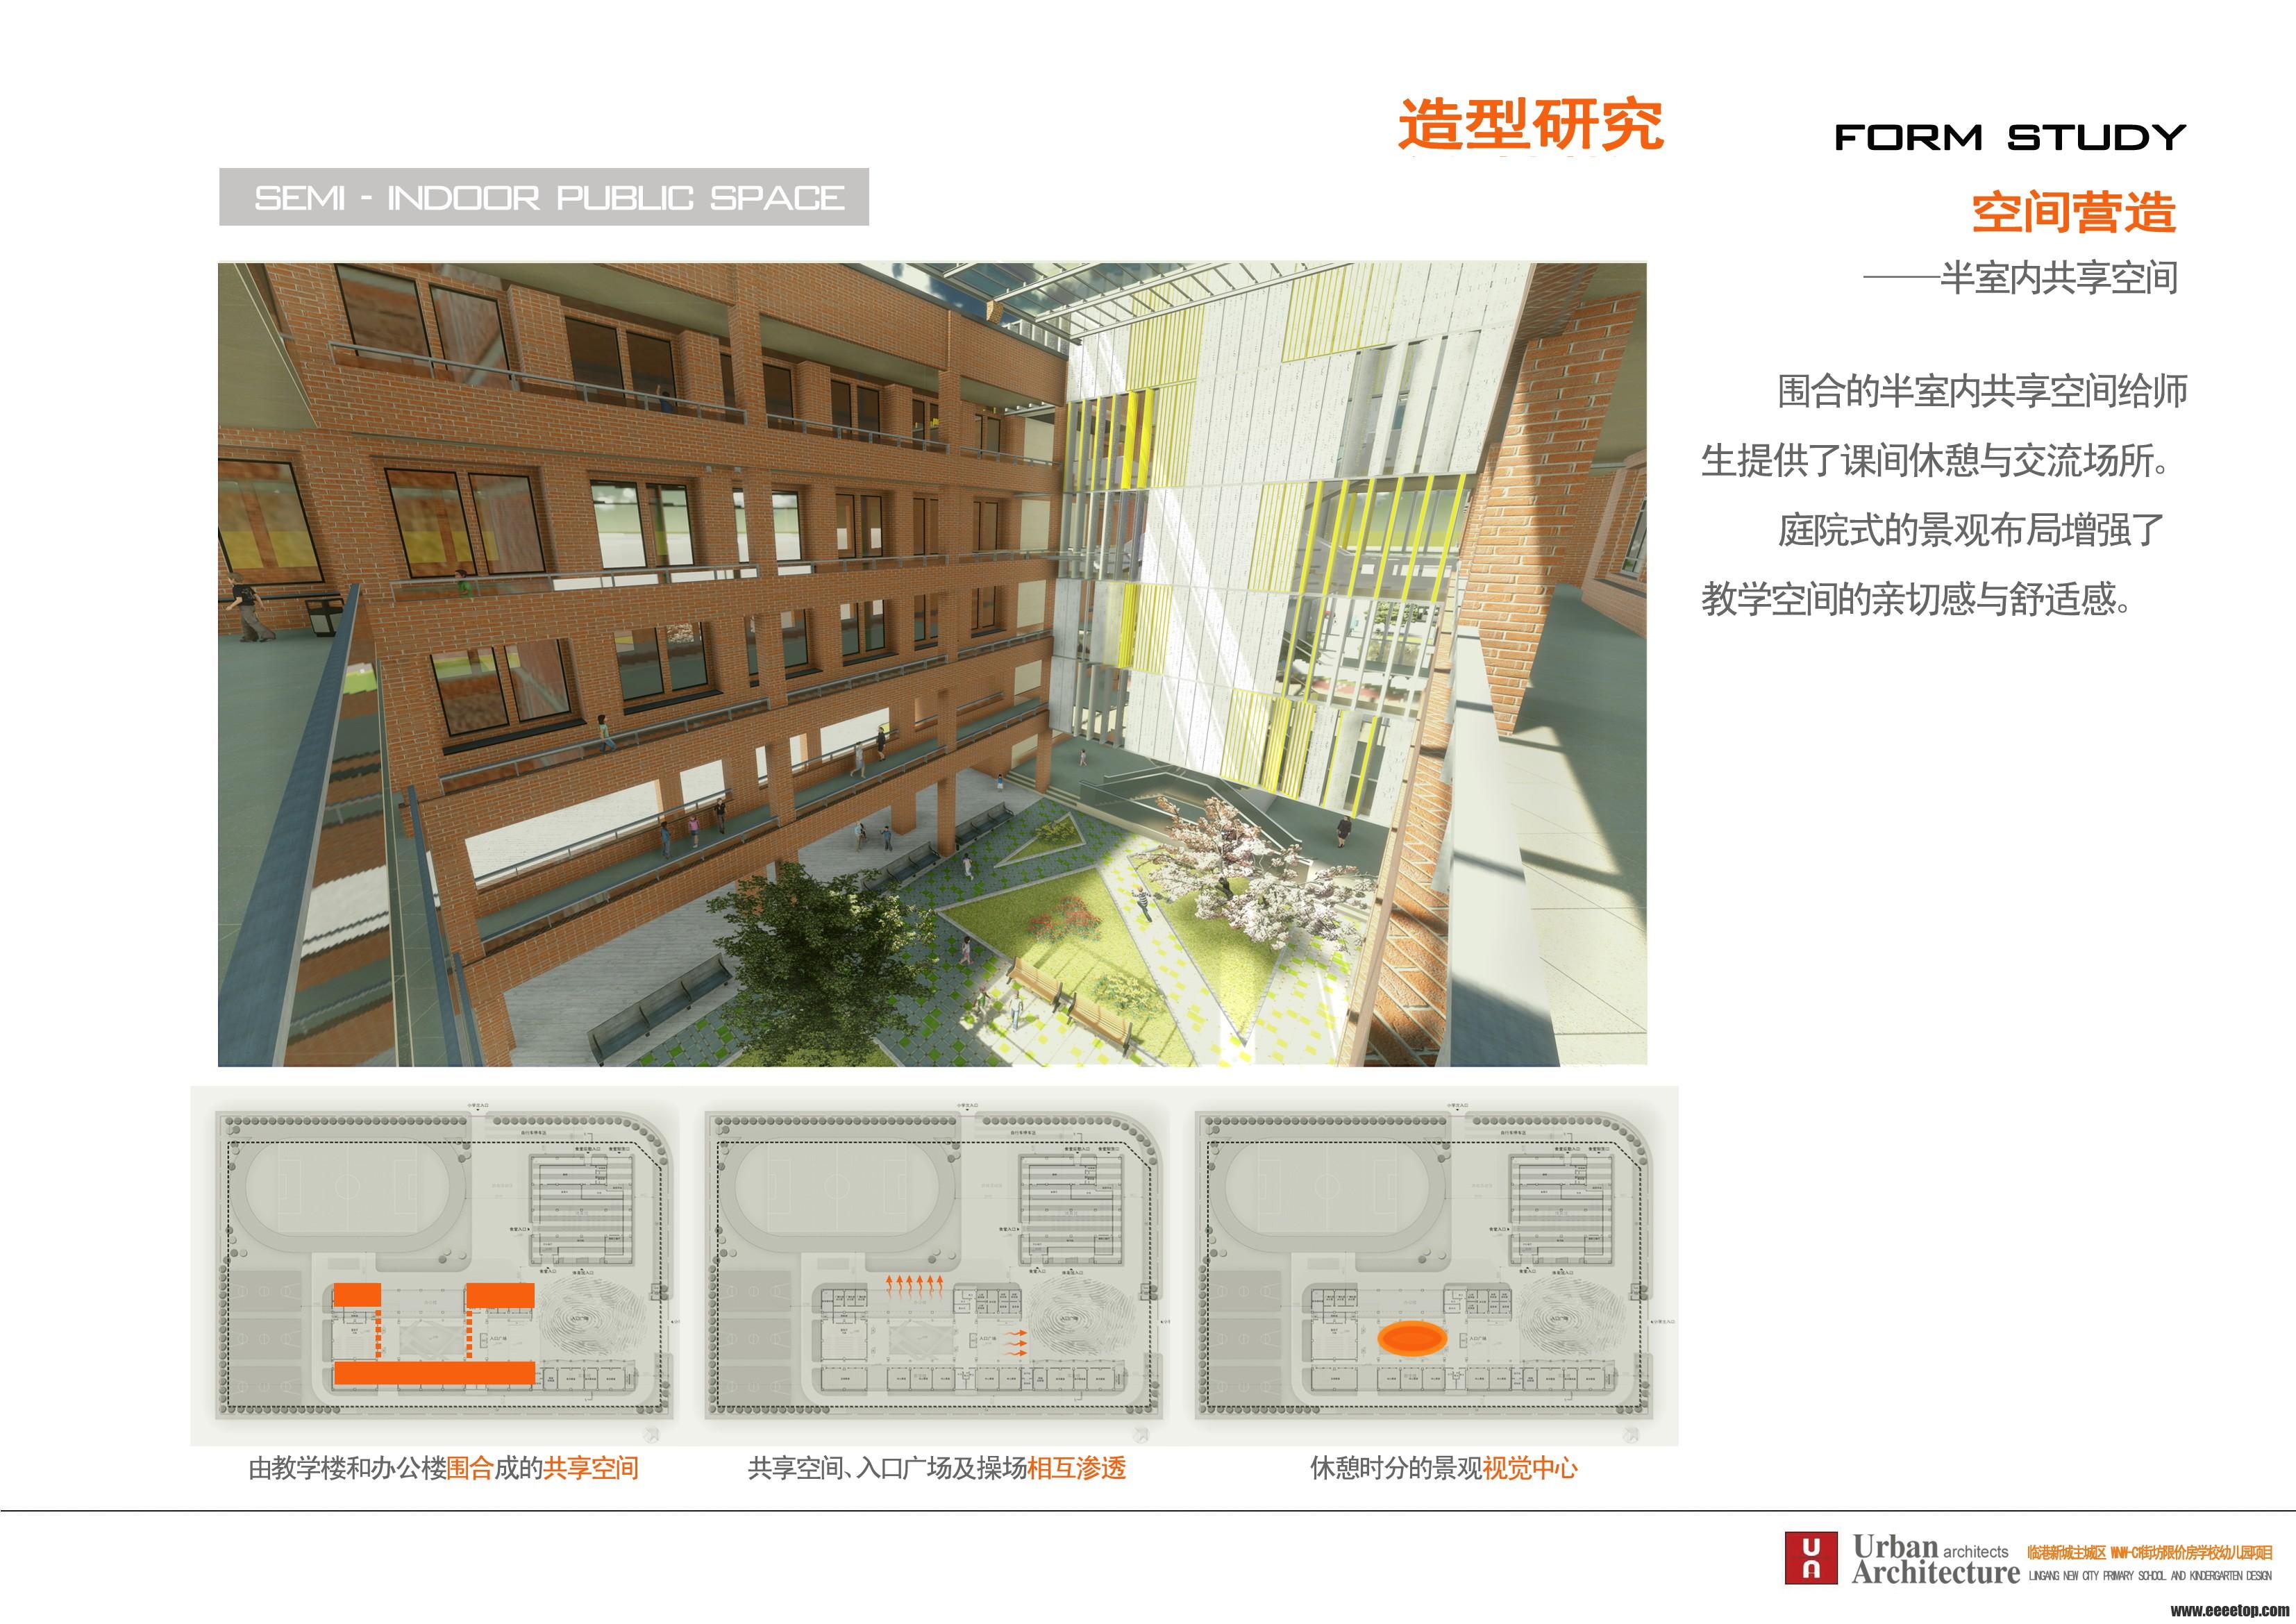 [上海]市级重点小学及及幼儿园规划现设计方案文本